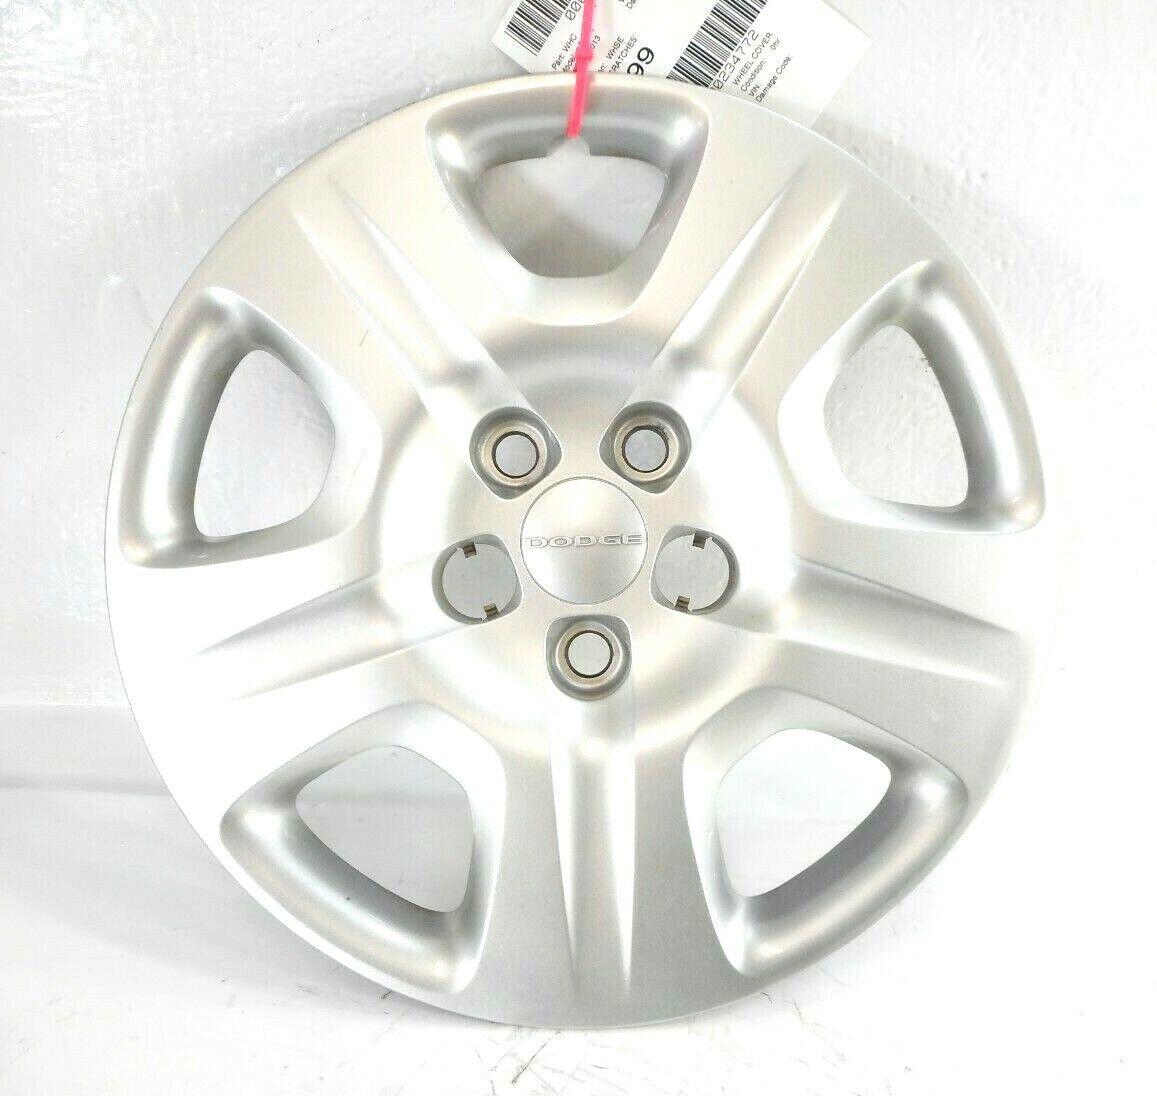 Genuine Factory Original OEM 8041 Wheel Cover Dodge Dart 2013-2016 Hubcap